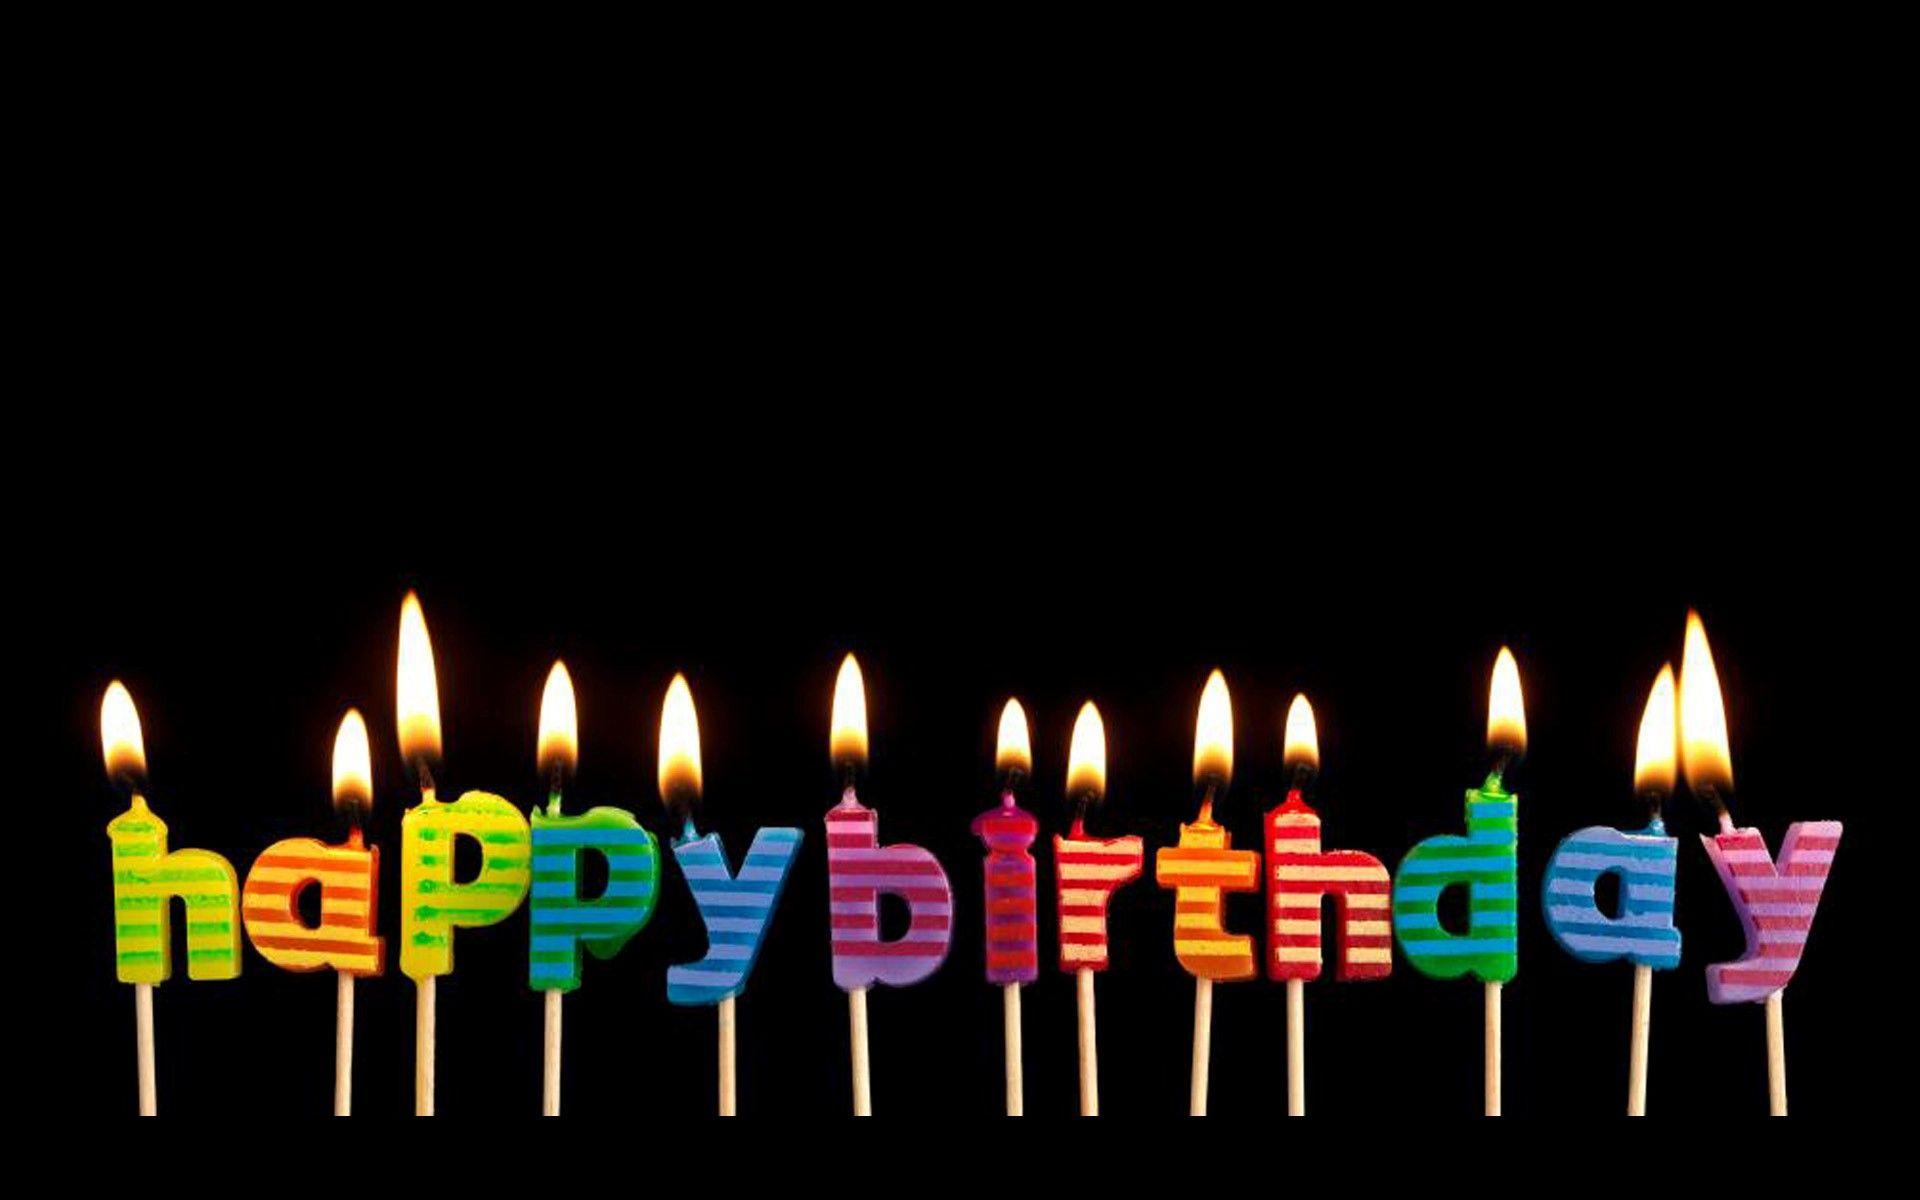 Поздравление на день рождения ютуберу